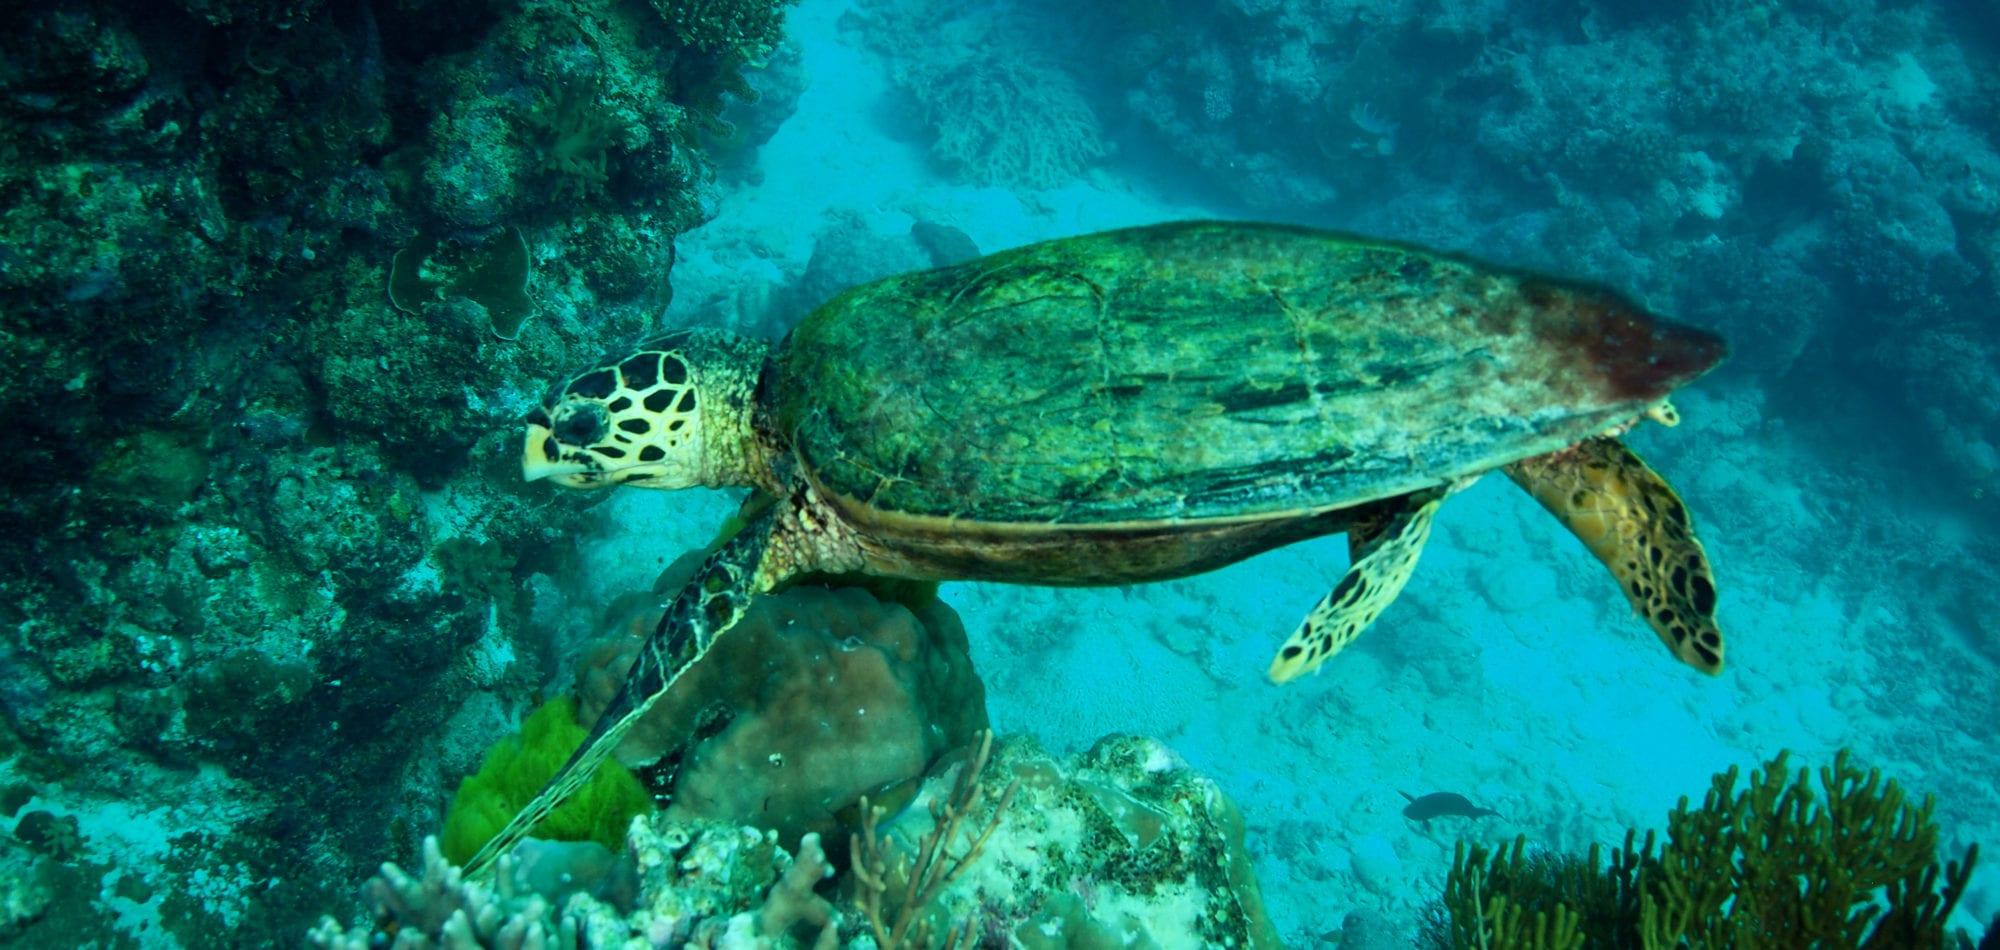 Green Turtle - Great Barrier Reef